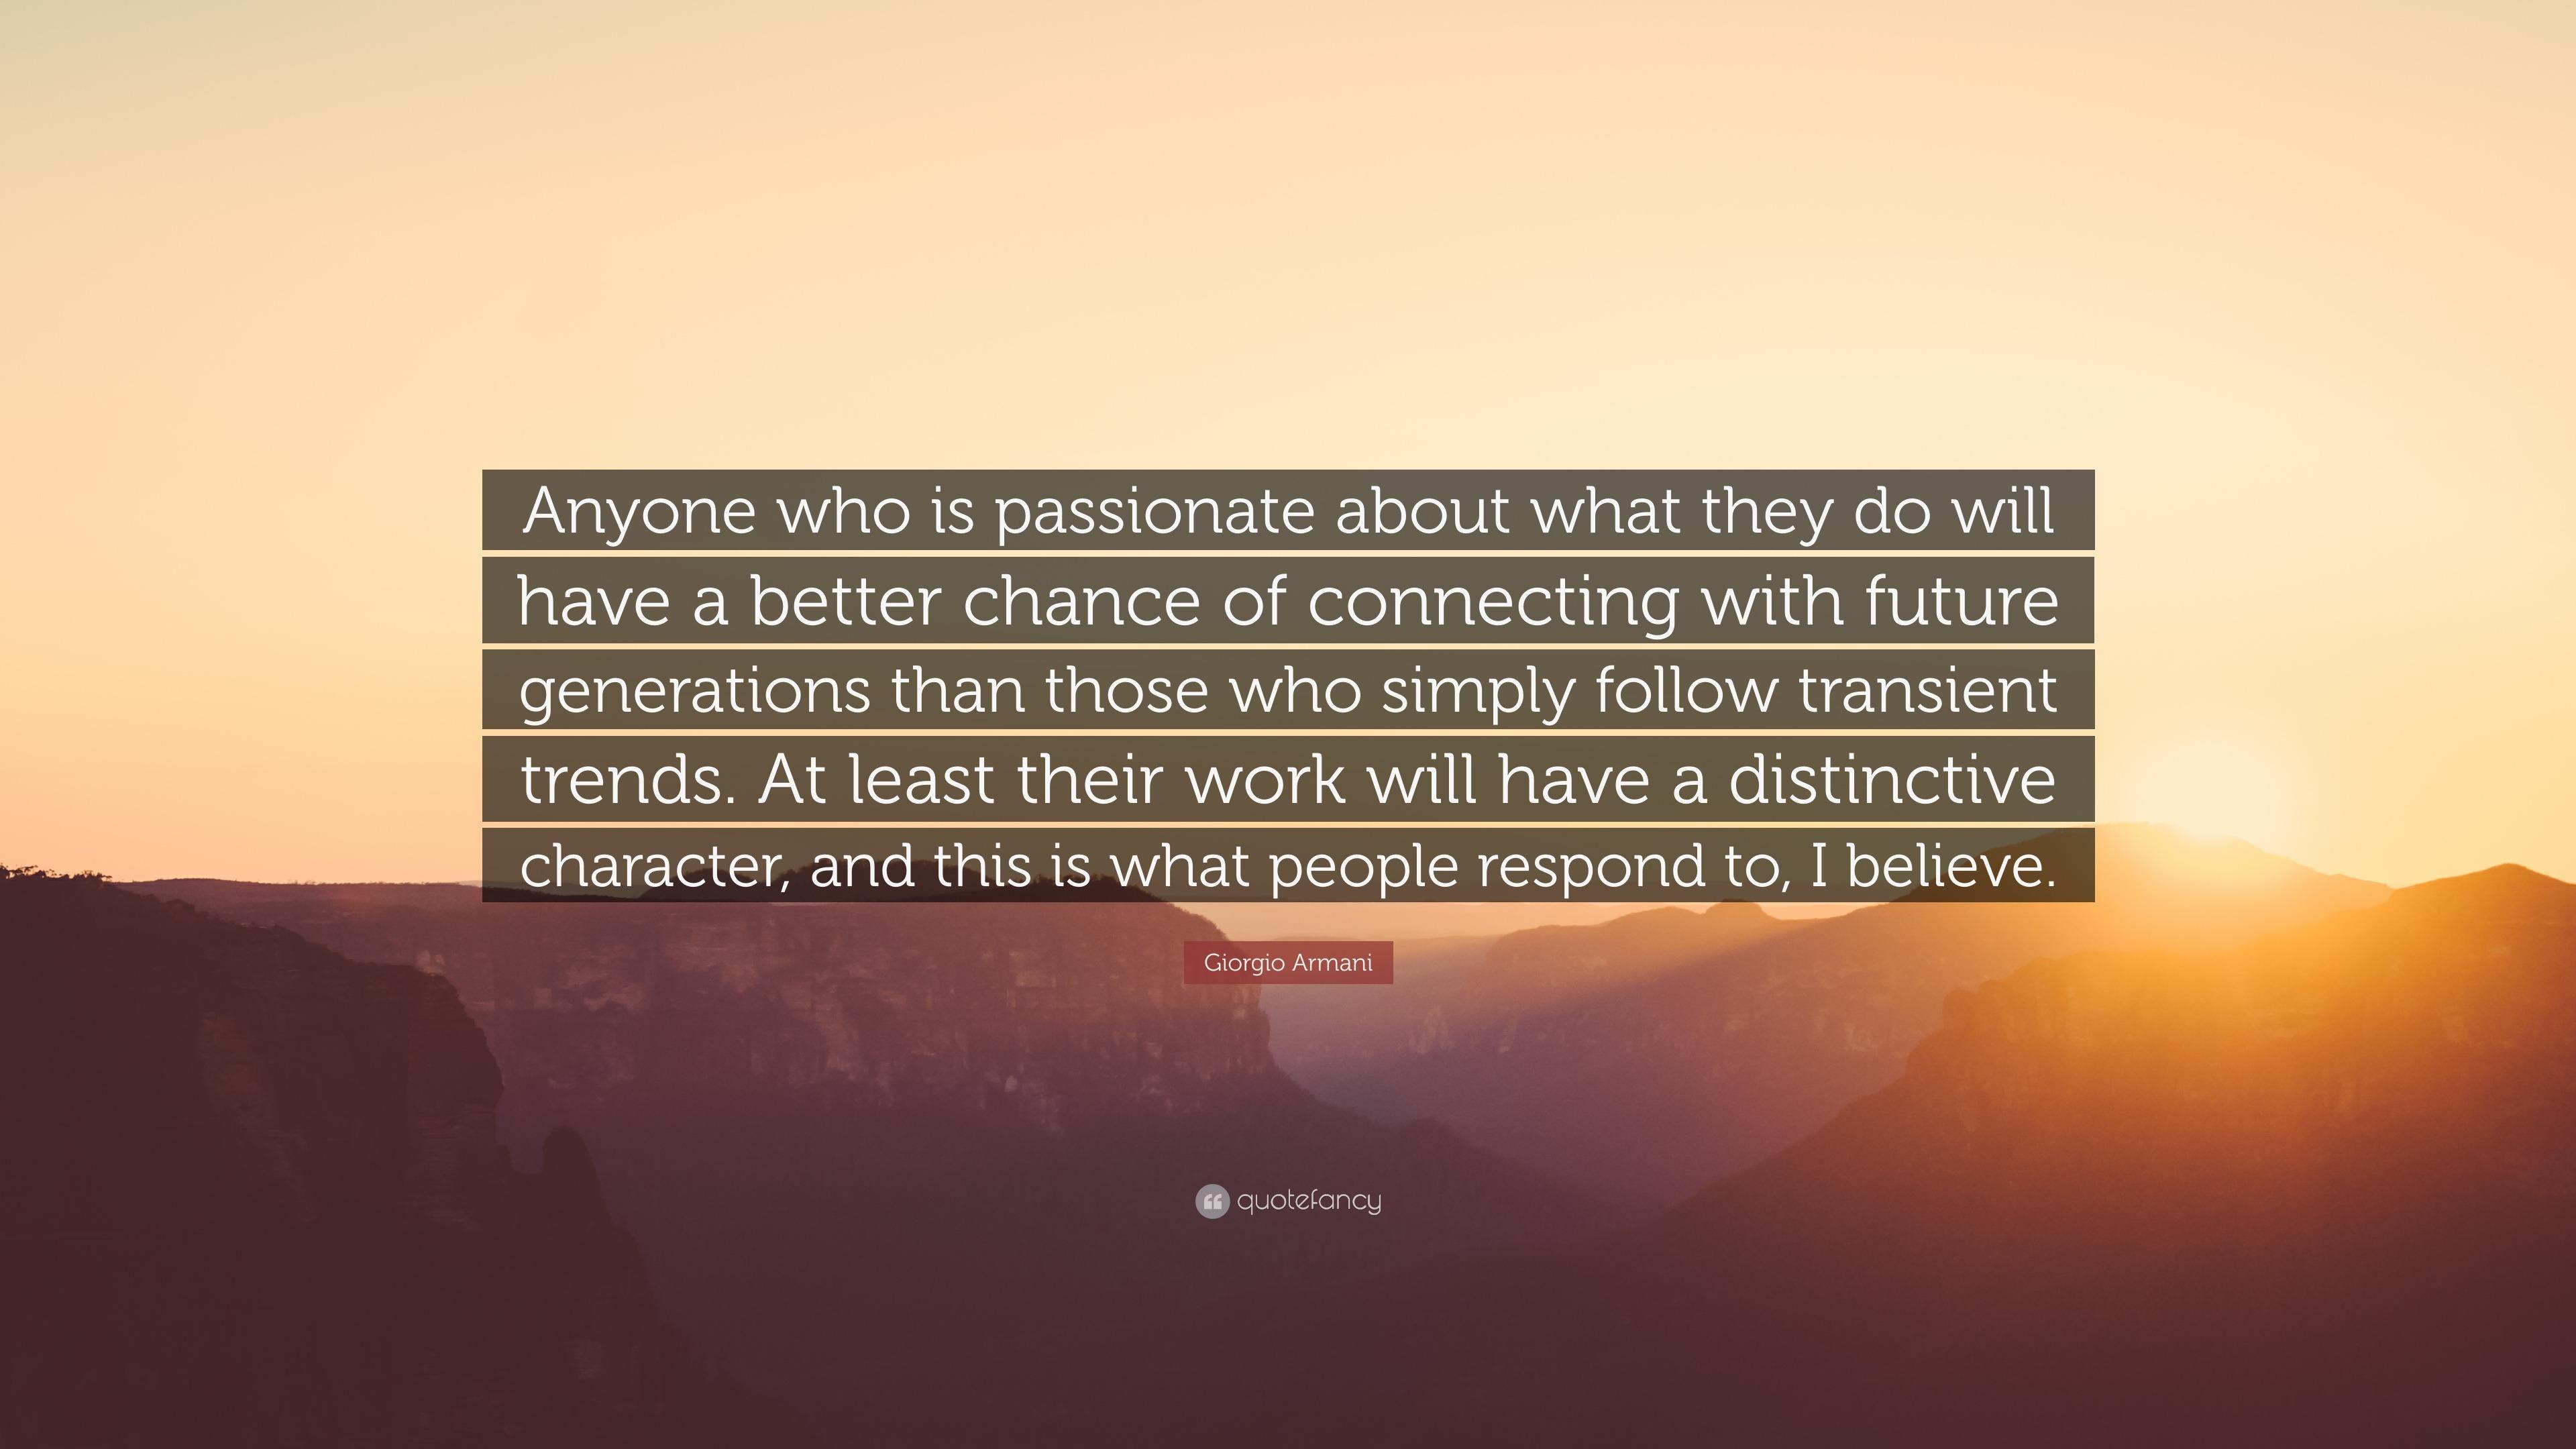 giorgio armani quote anyone who is passionate about what they do giorgio armani quote anyone who is passionate about what they do will have a